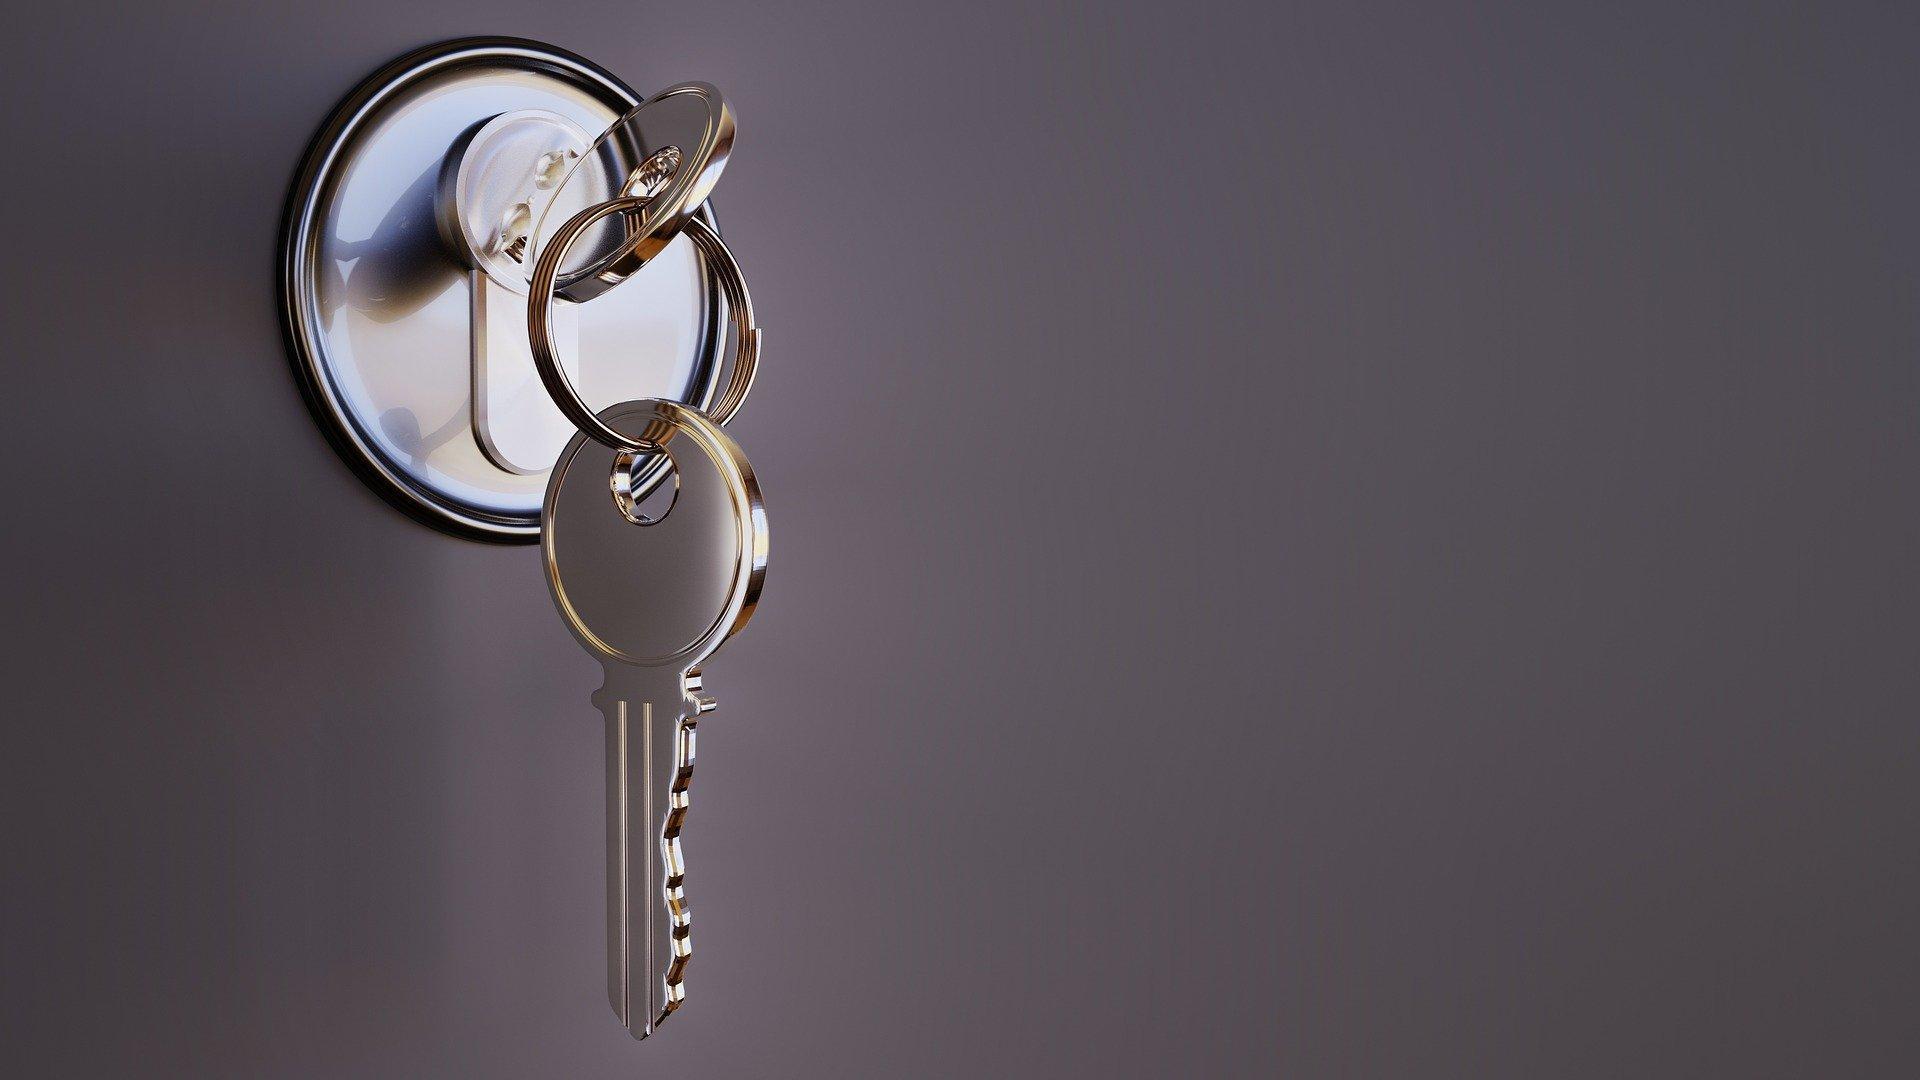 Schlüssel geht schwer ins Schloss: Diese Mittel helfen.